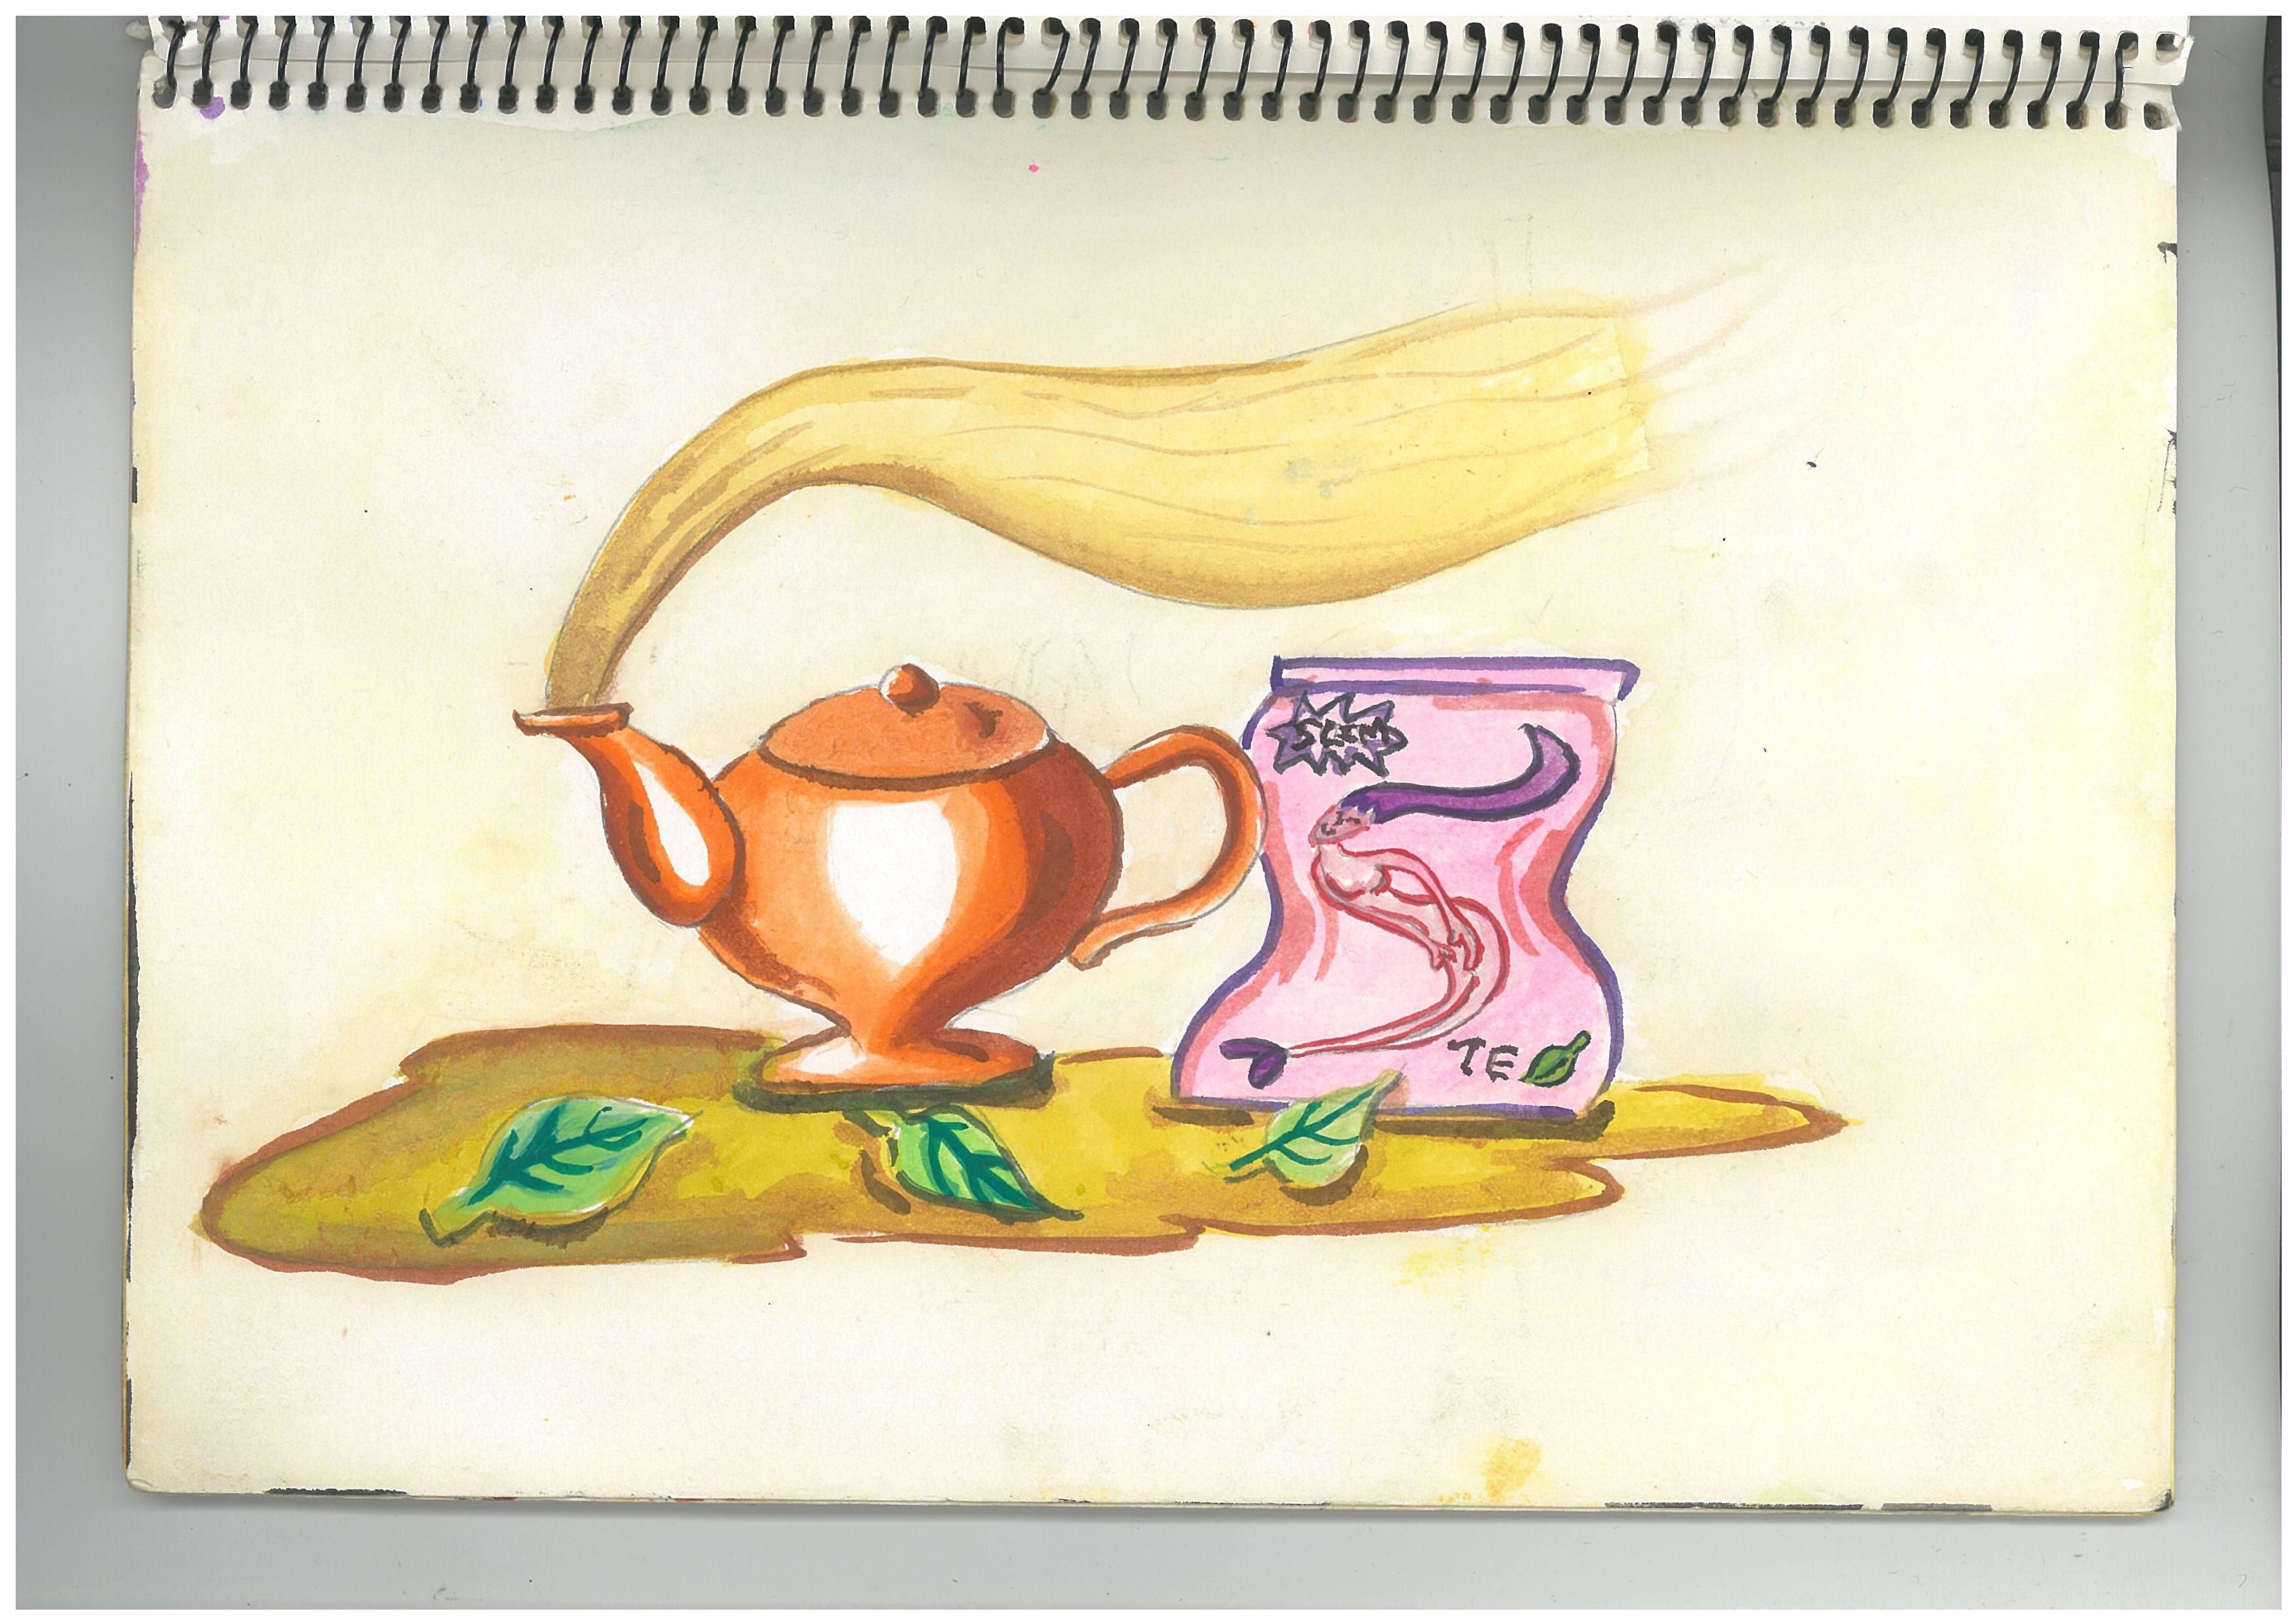 f.slimming tea promo